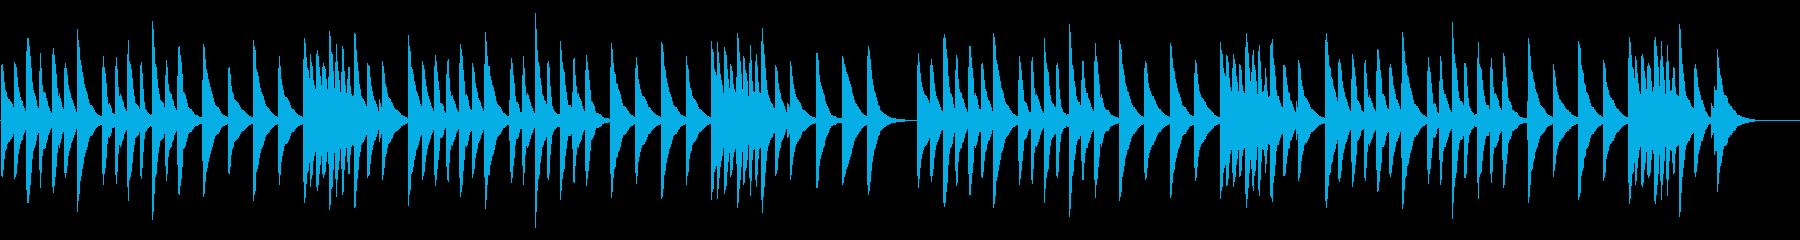 カエルの合唱 18弁オルゴールの再生済みの波形